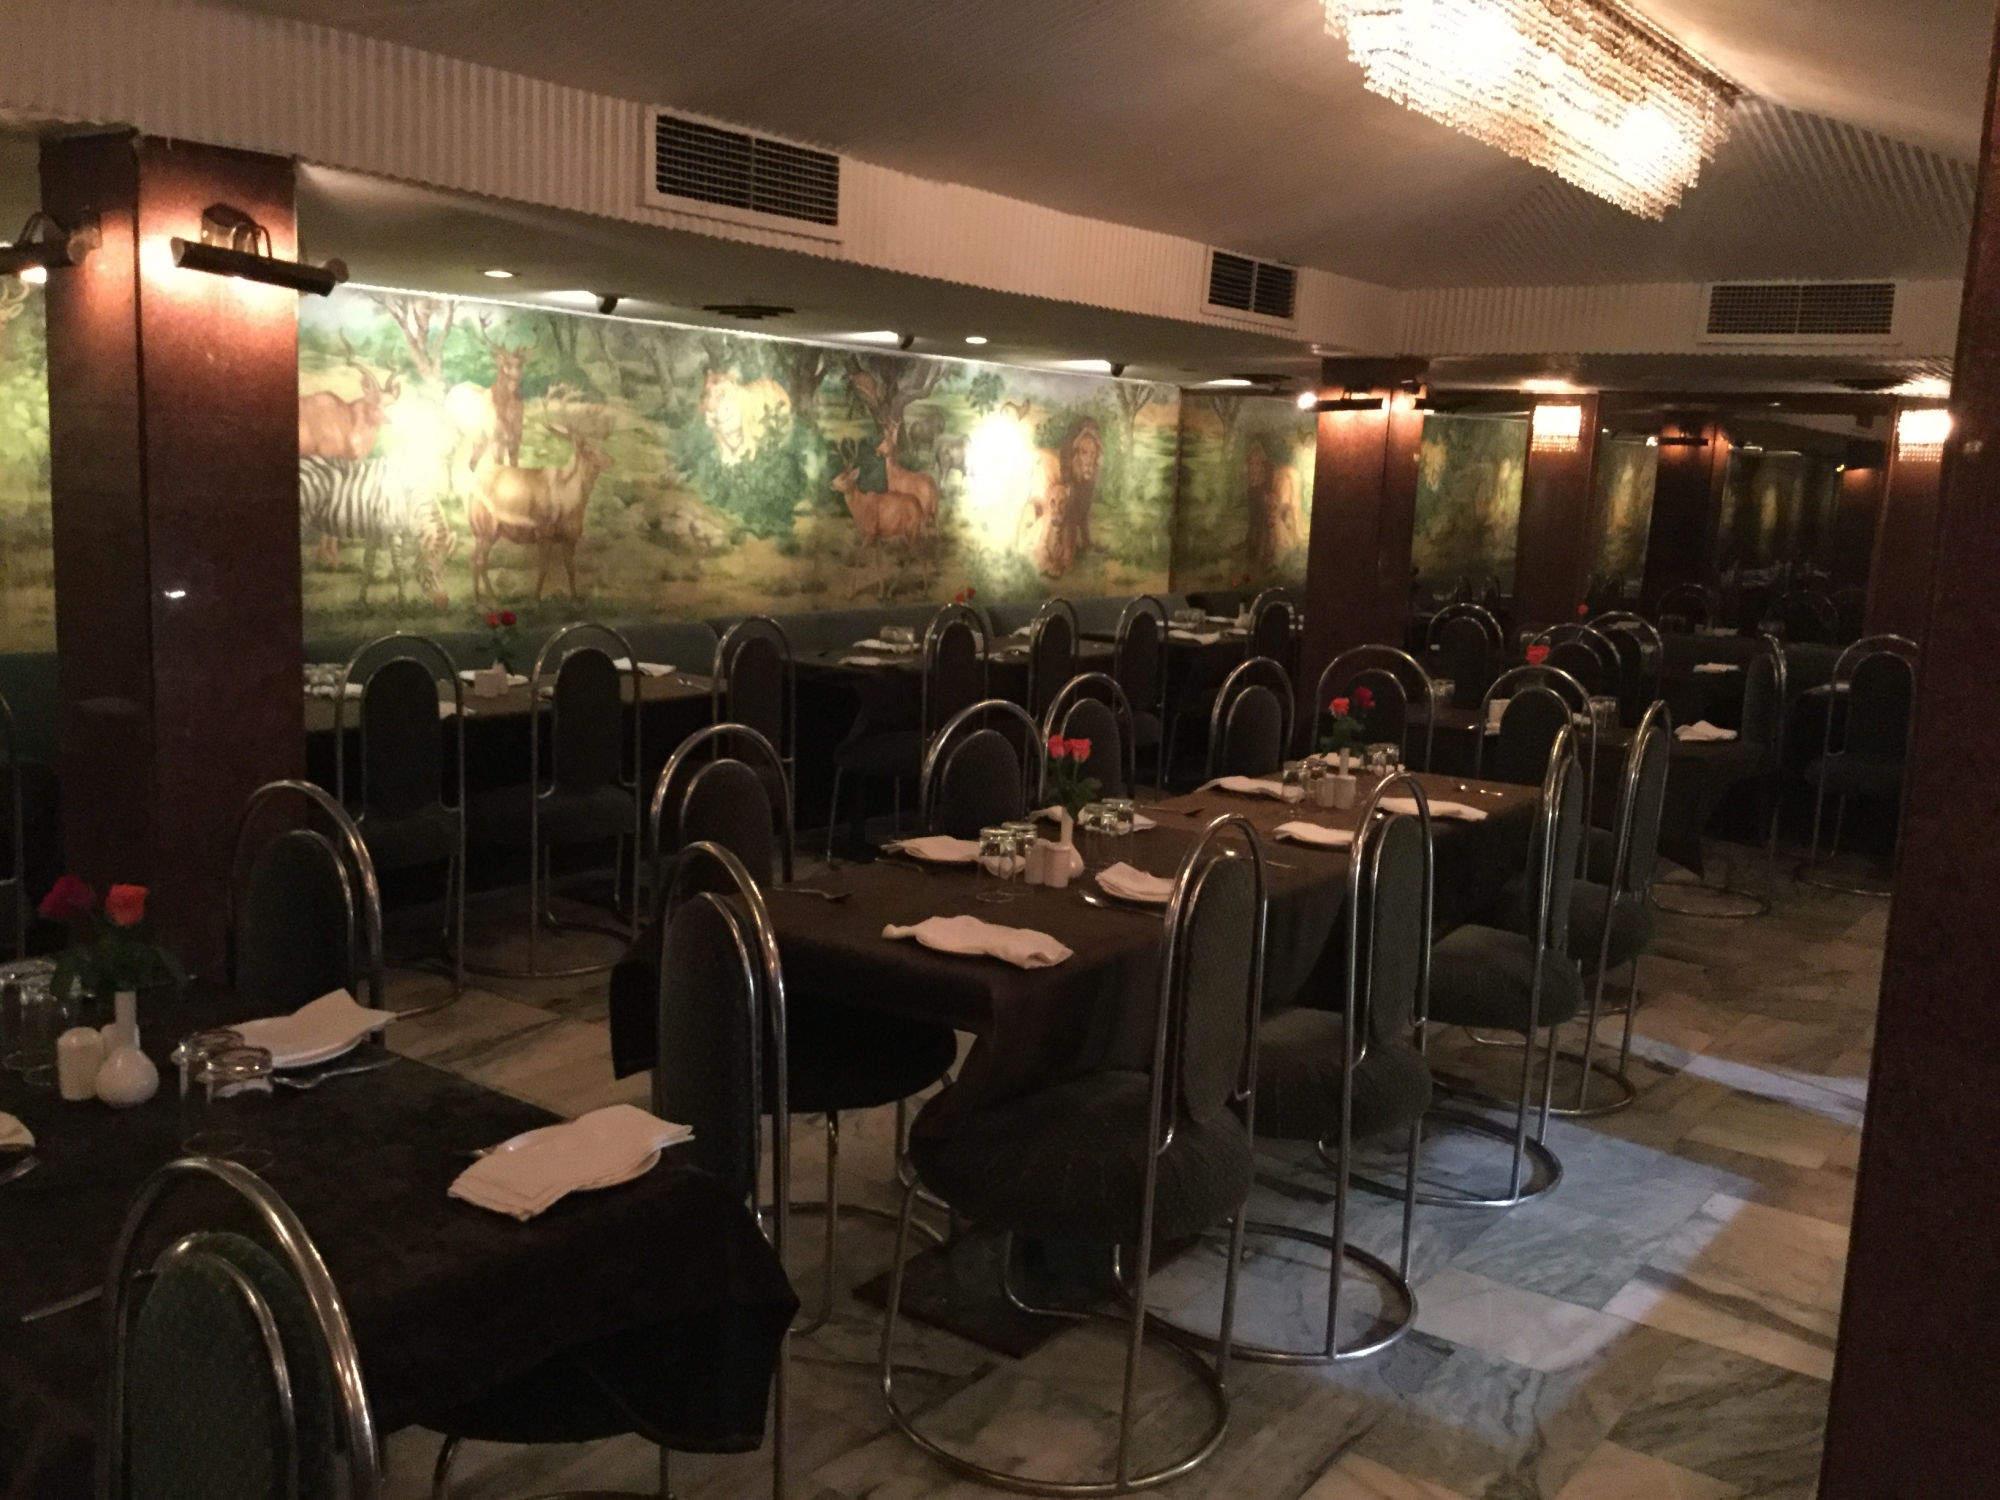 Invitation restaurant in ashok vihar delhi justdial stopboris Images